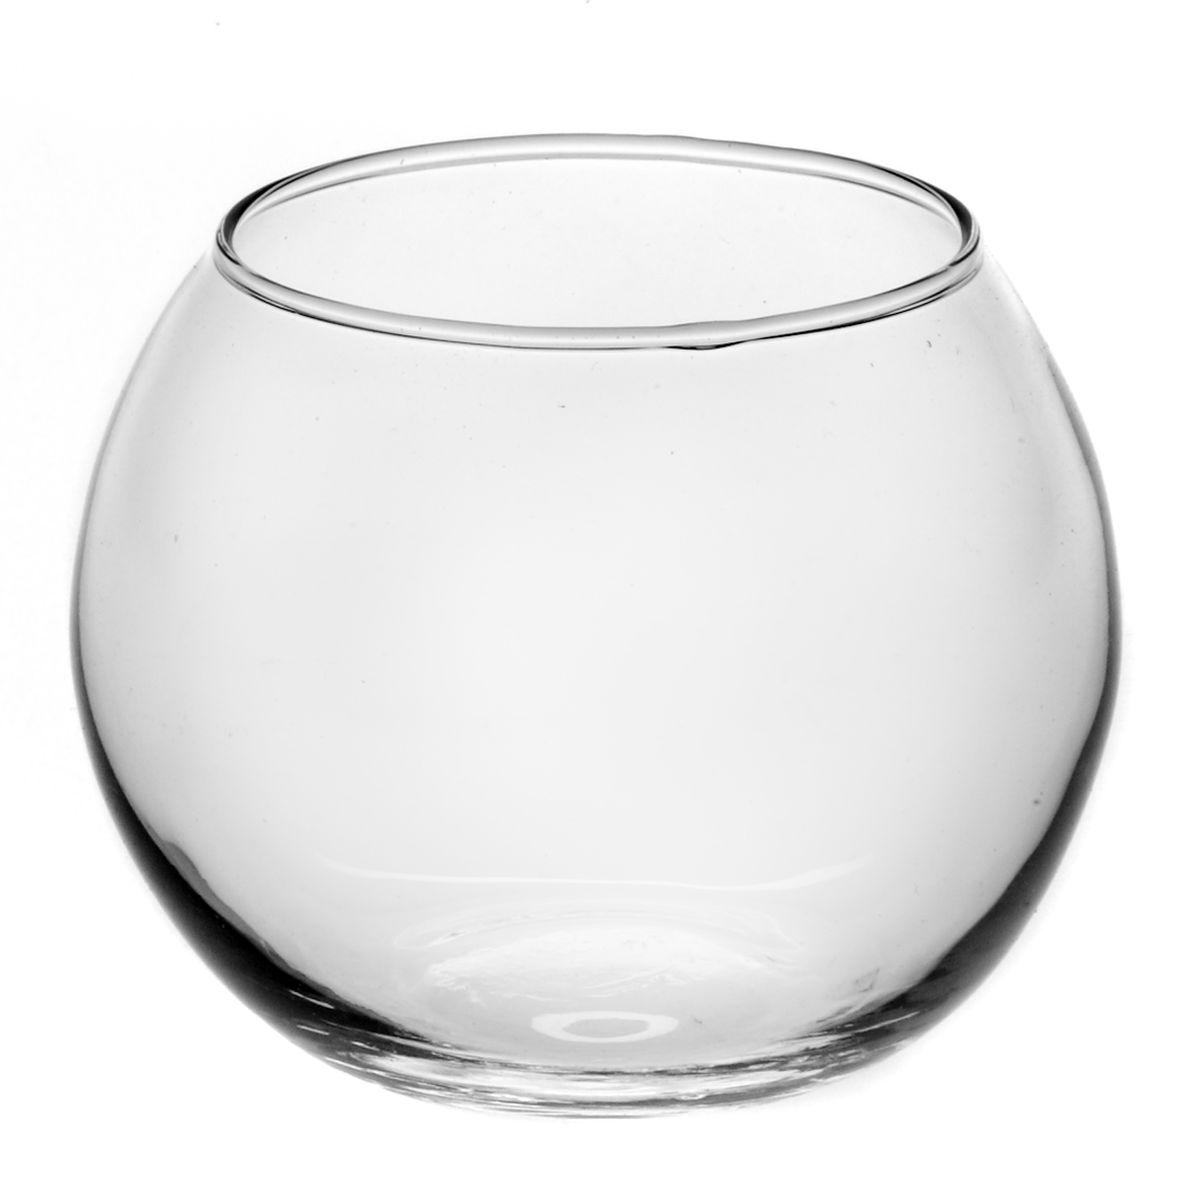 Ваза Pasabahce Flora, высота 10,5 см43417BКруглая ваза Pasabahce Flora, выполненная из натрий-кальций-силикатного стекла, сочетает в себе изысканный дизайн с максимальной функциональностью. Ваза имеет гладкие прозрачные стенки. Она идеально подойдет для небольших цветов. Такая ваза придется по вкусу и ценителям классики, и тем, кто предпочитает утонченность и изысканность. Высота вазы: 10,5 см. Диаметр вазы (по верхнему краю): 8 см.